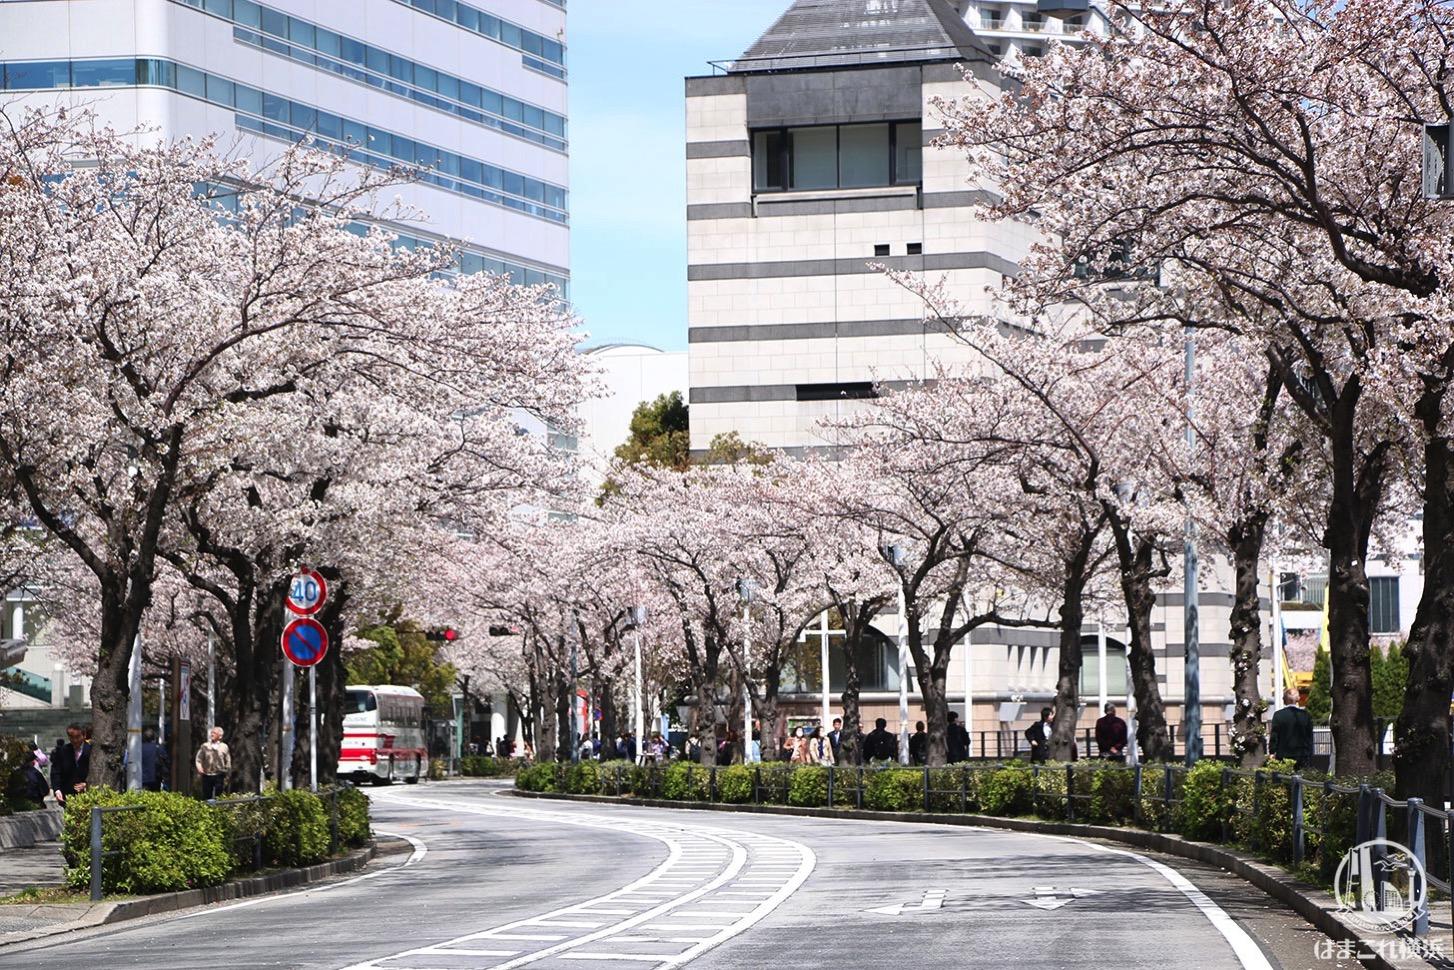 さくら通り デッキ下から見たどこまで続く桜